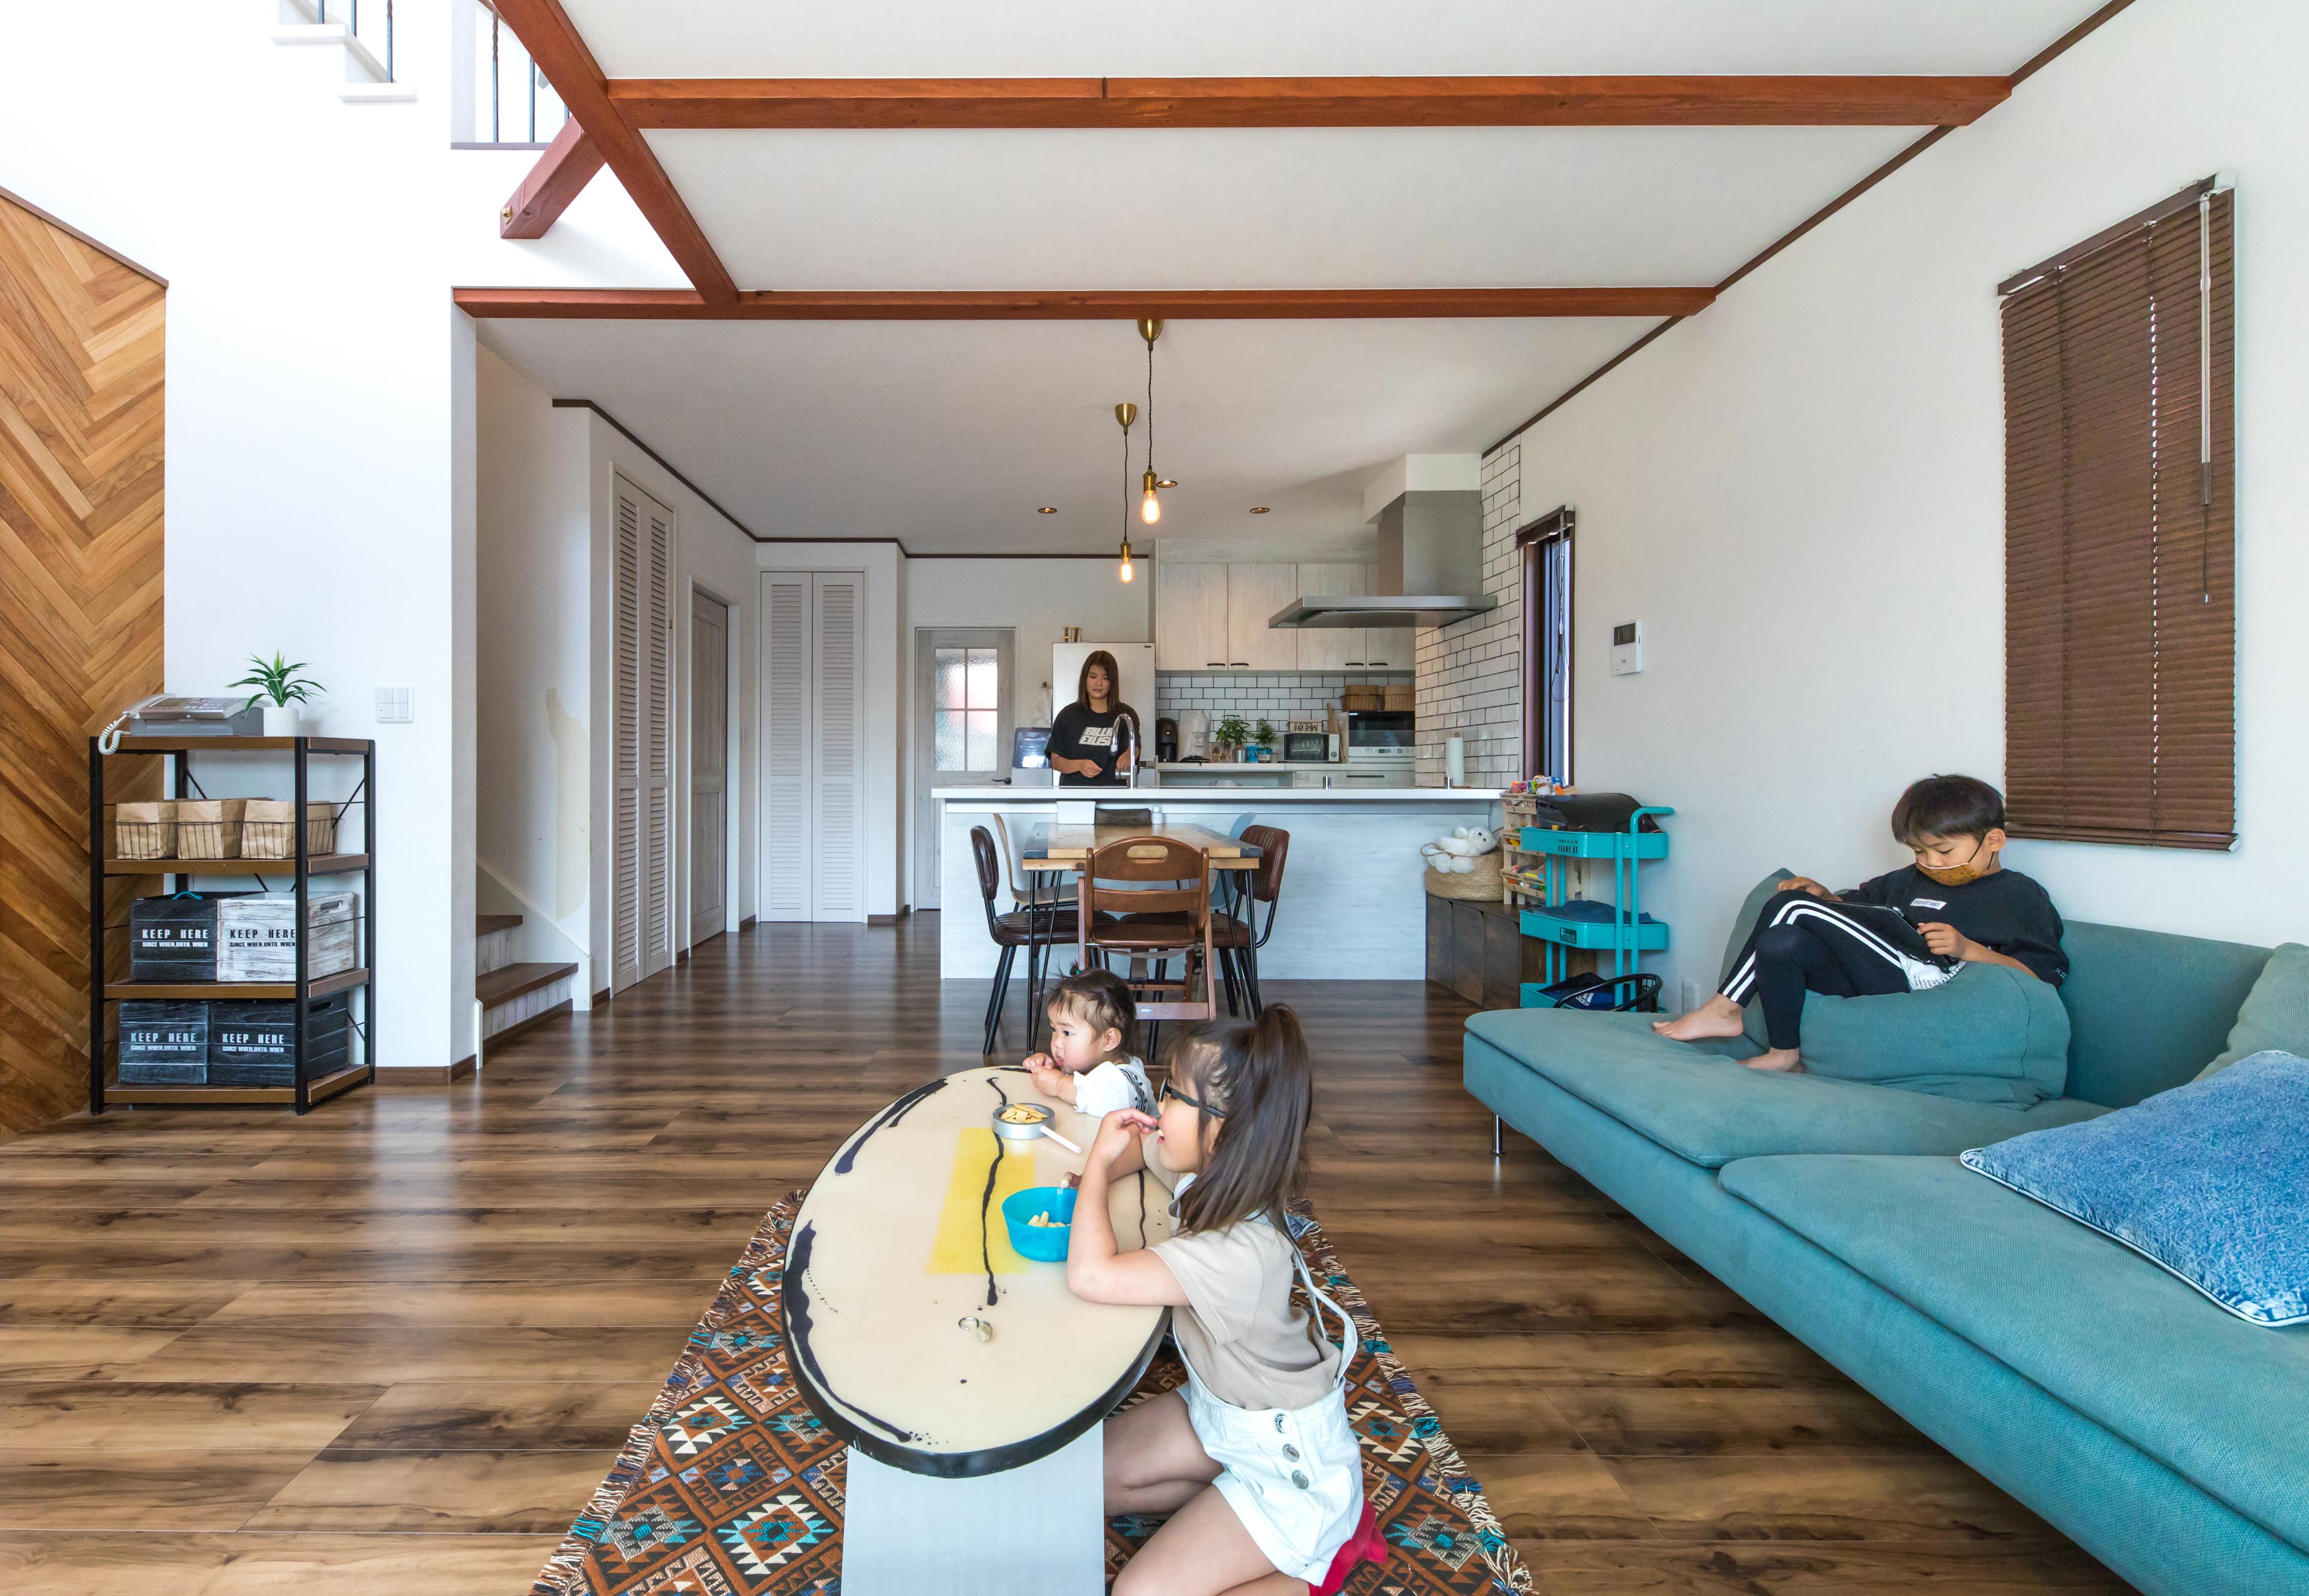 東海ハウス【1000万円台、屋上バルコニー、間取り】白と木目を基調にブルーのインテリアが差し色。天井には木目梁をあしらった。柱のない大空間はテクノストラクチャー工法だからこそ